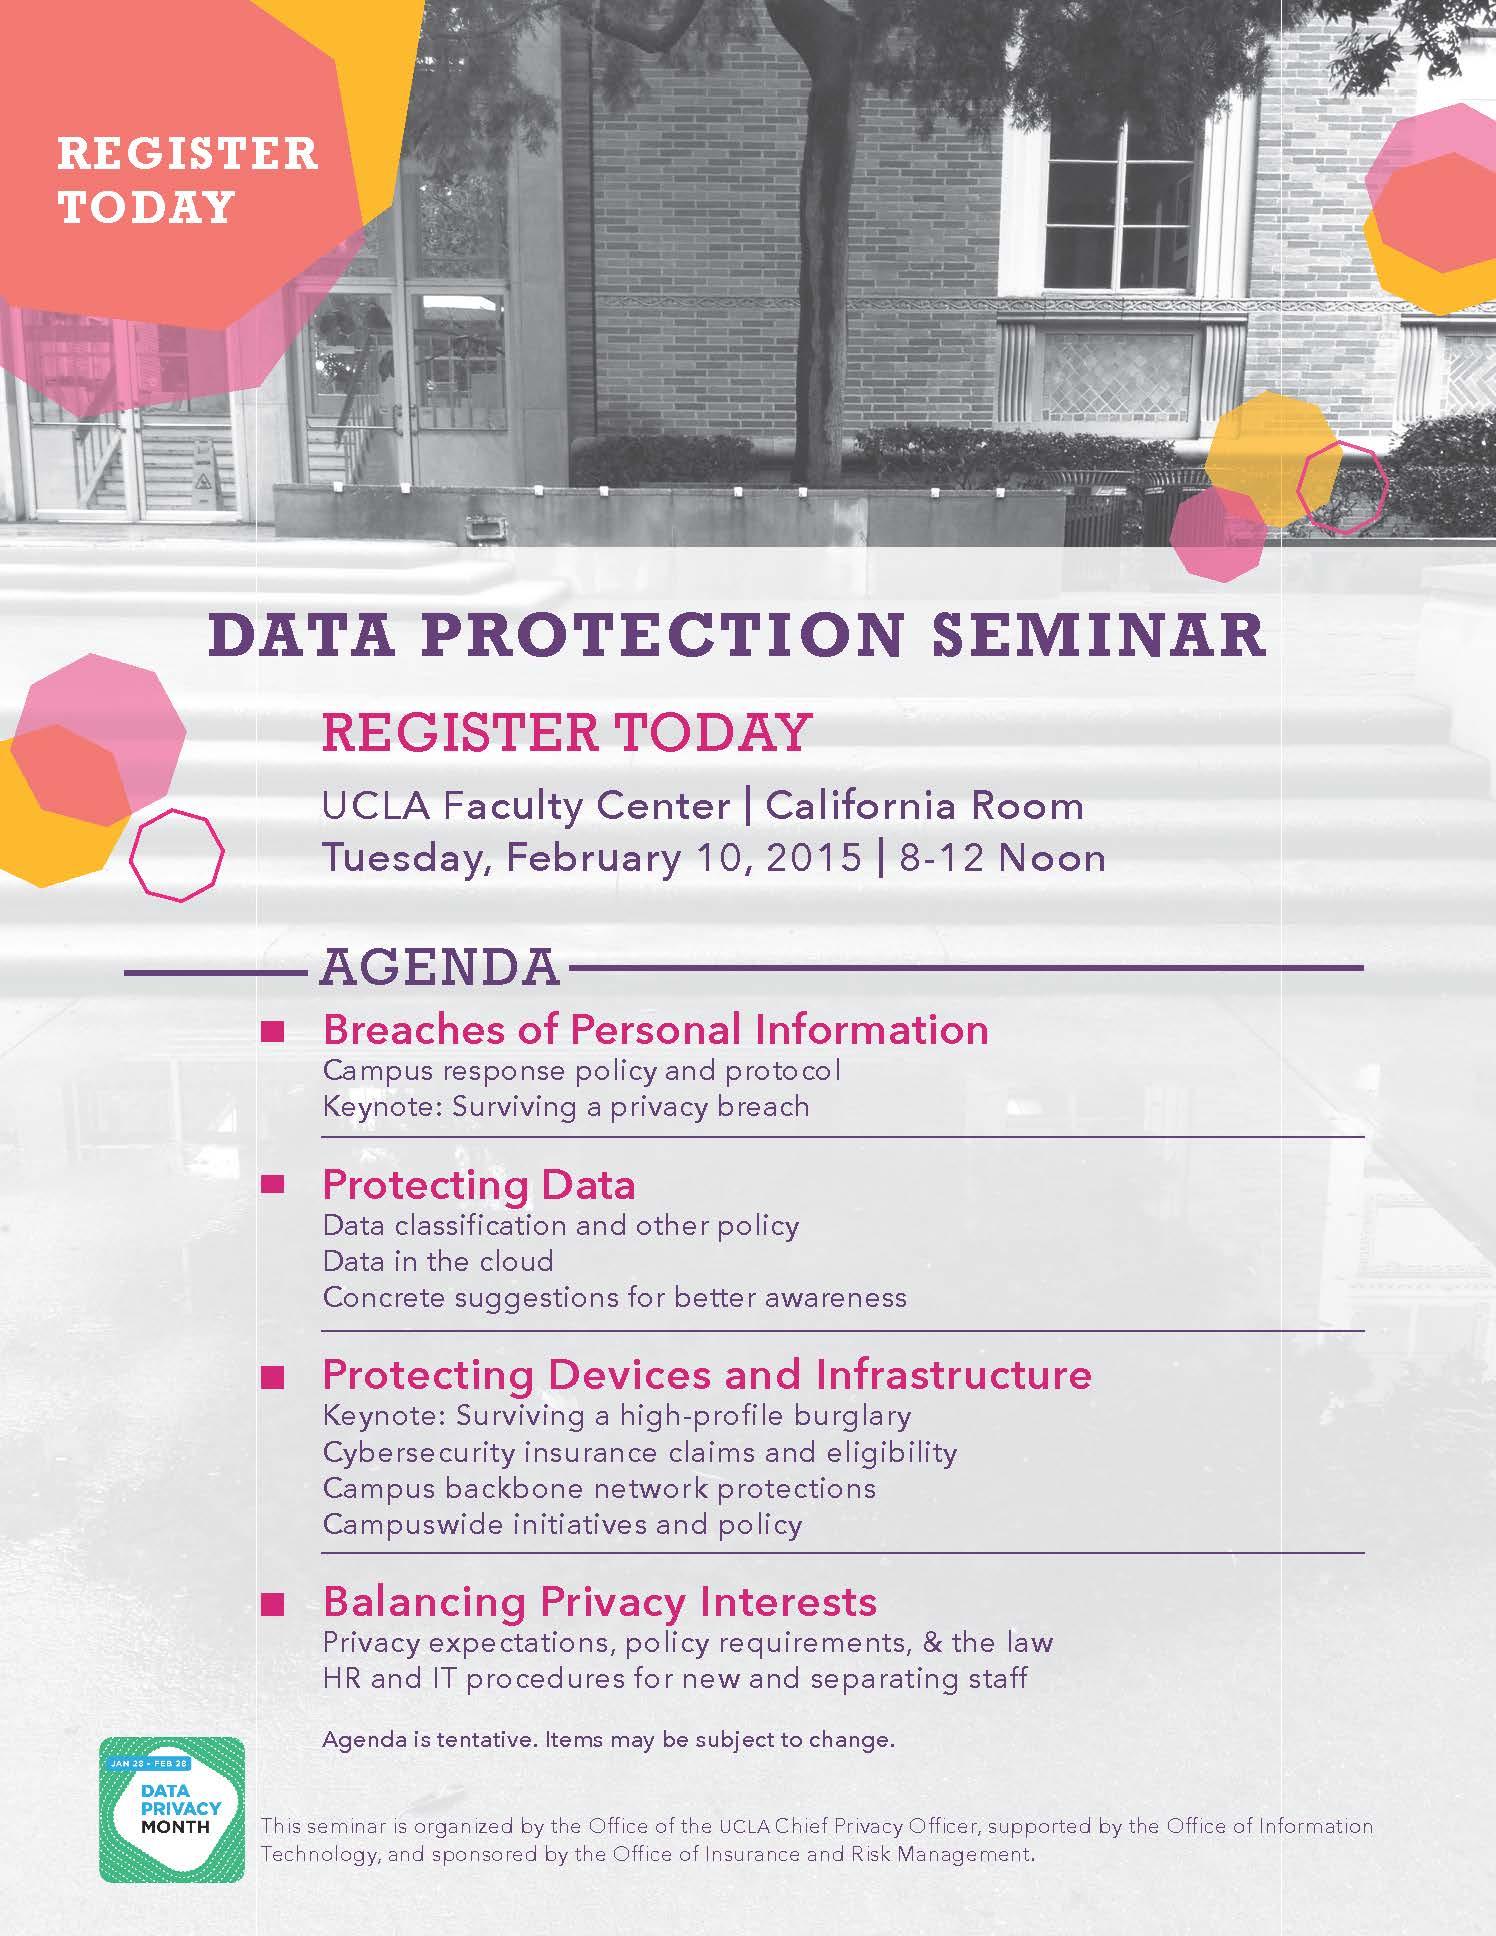 Data Protection Seminar